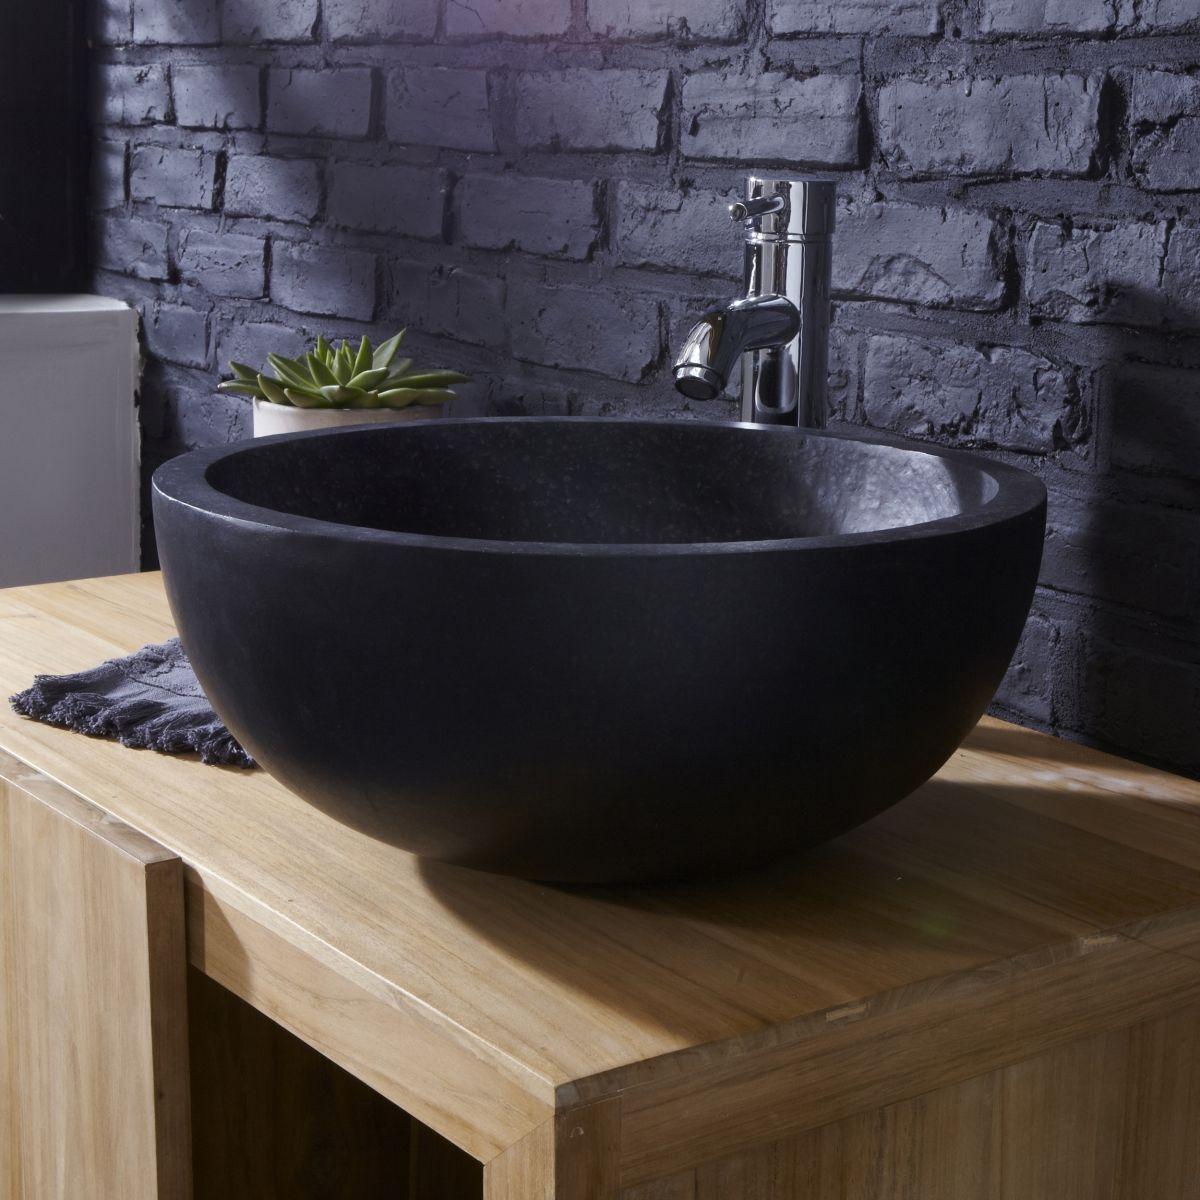 Aufsatzwaschbecken Waschbecken Terrazzo Schwarz Badezimmer Rund 40 Cm  Designu2026